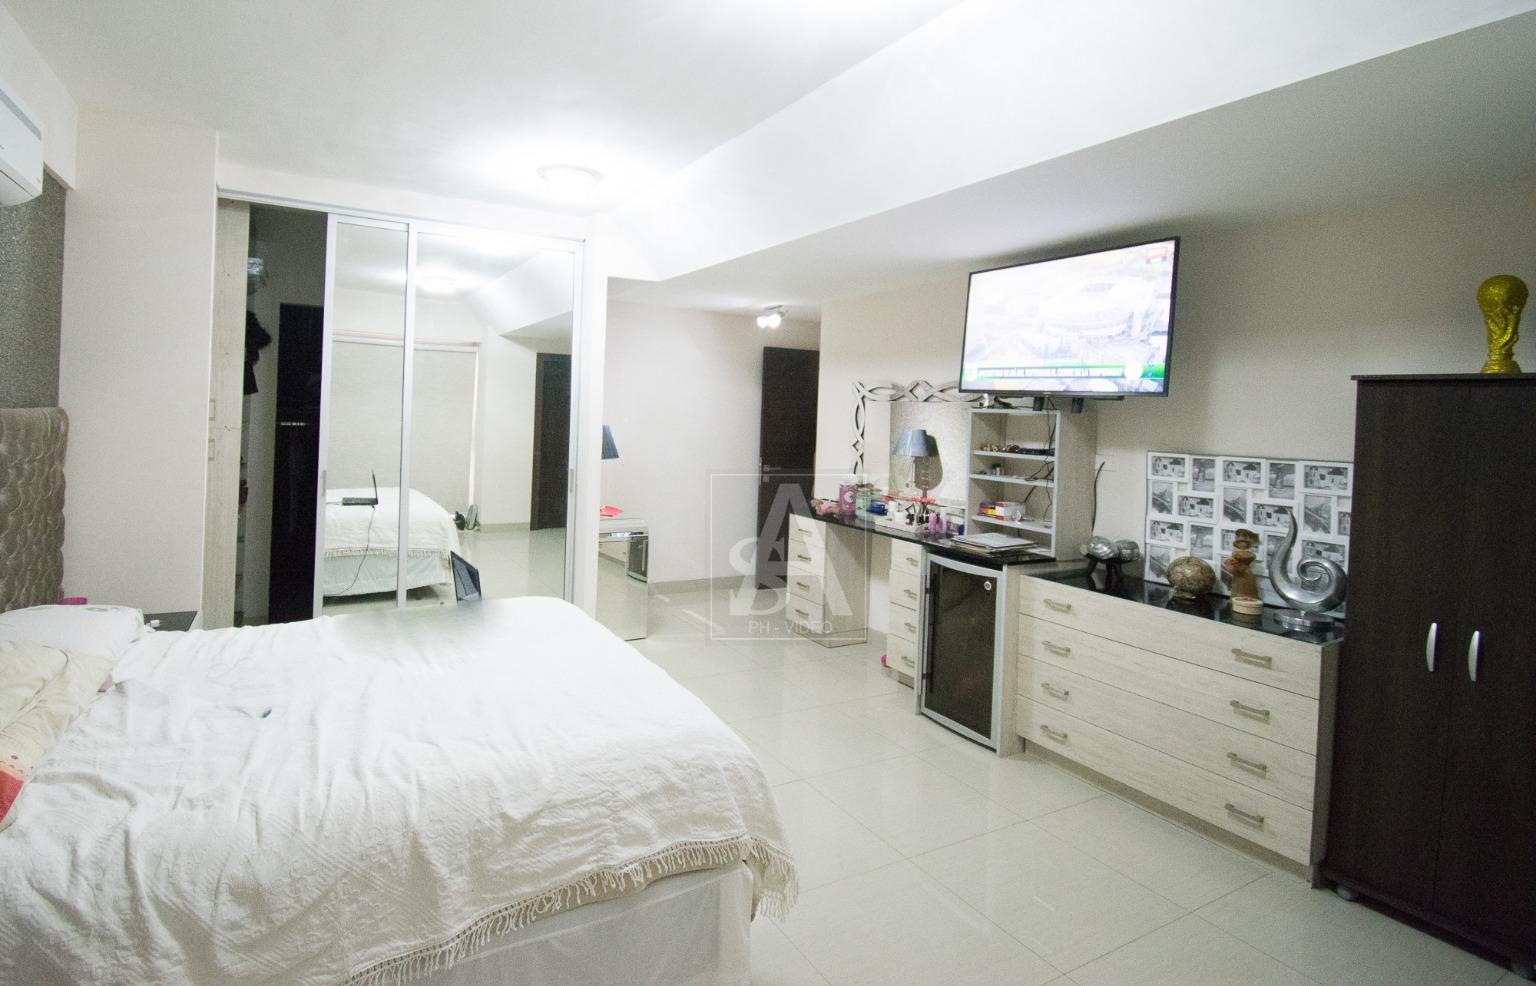 Departamento en Venta DEPARTAMENTO EN VENTA - CONDOMINIO PLAZA GUAPAY - 166.60 m². - AV. GUAPAY Foto 3